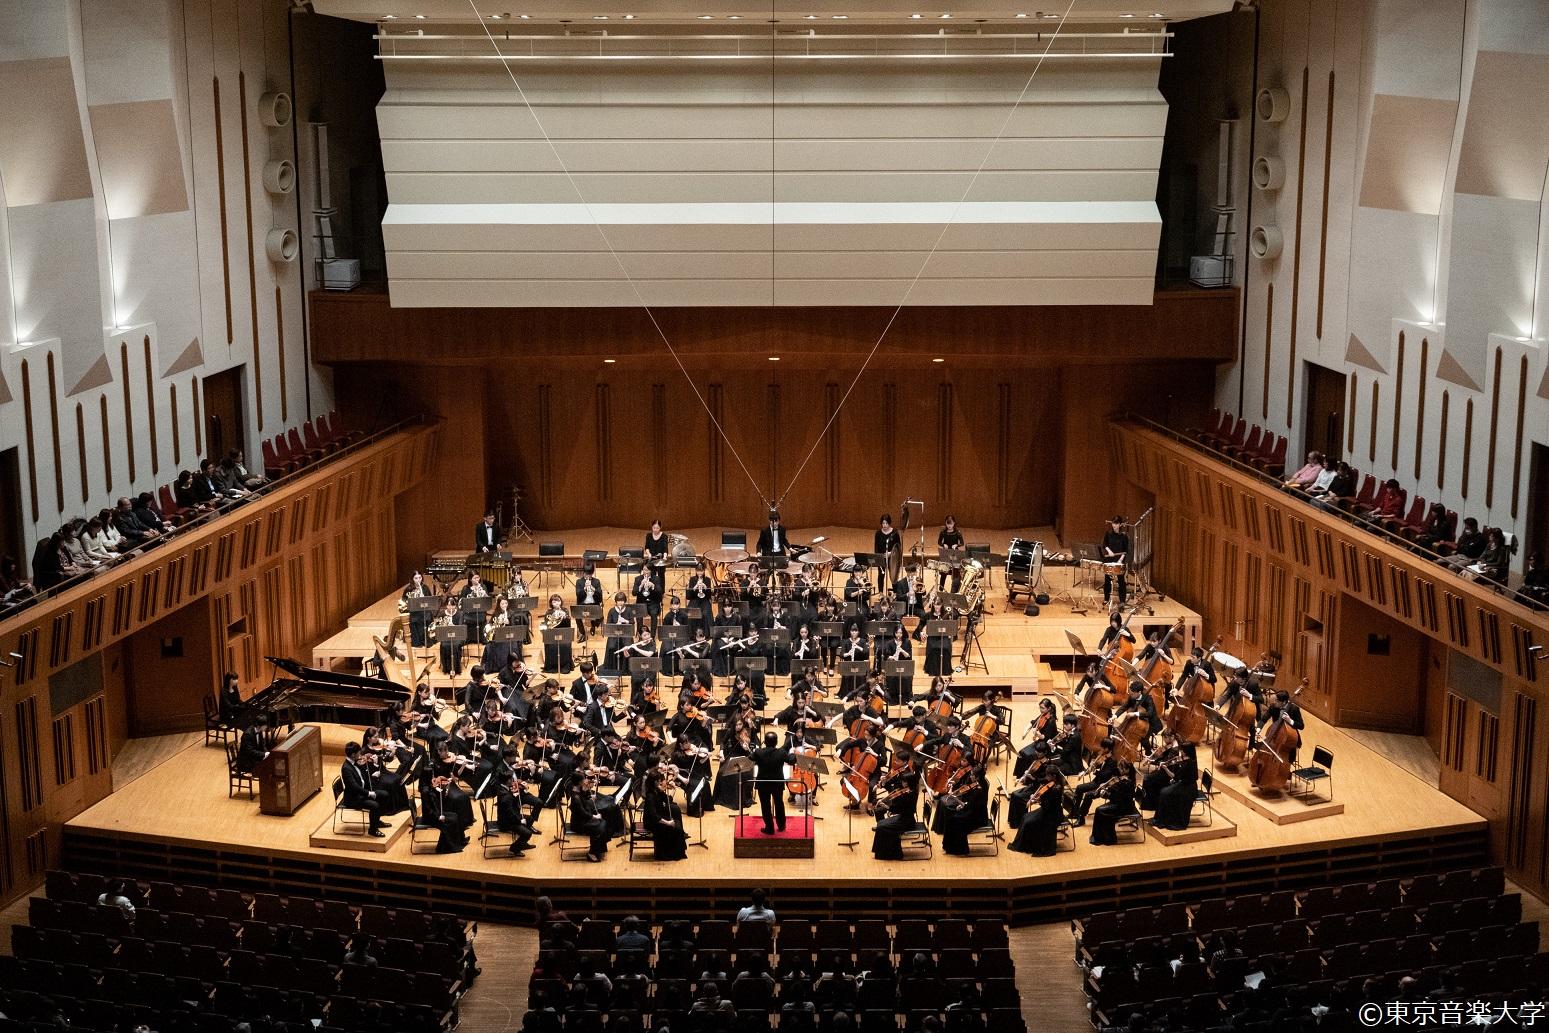 『東京音楽大学 シンフォニーオーケストラ定期演奏会』のダイジェストムービーをアップしました